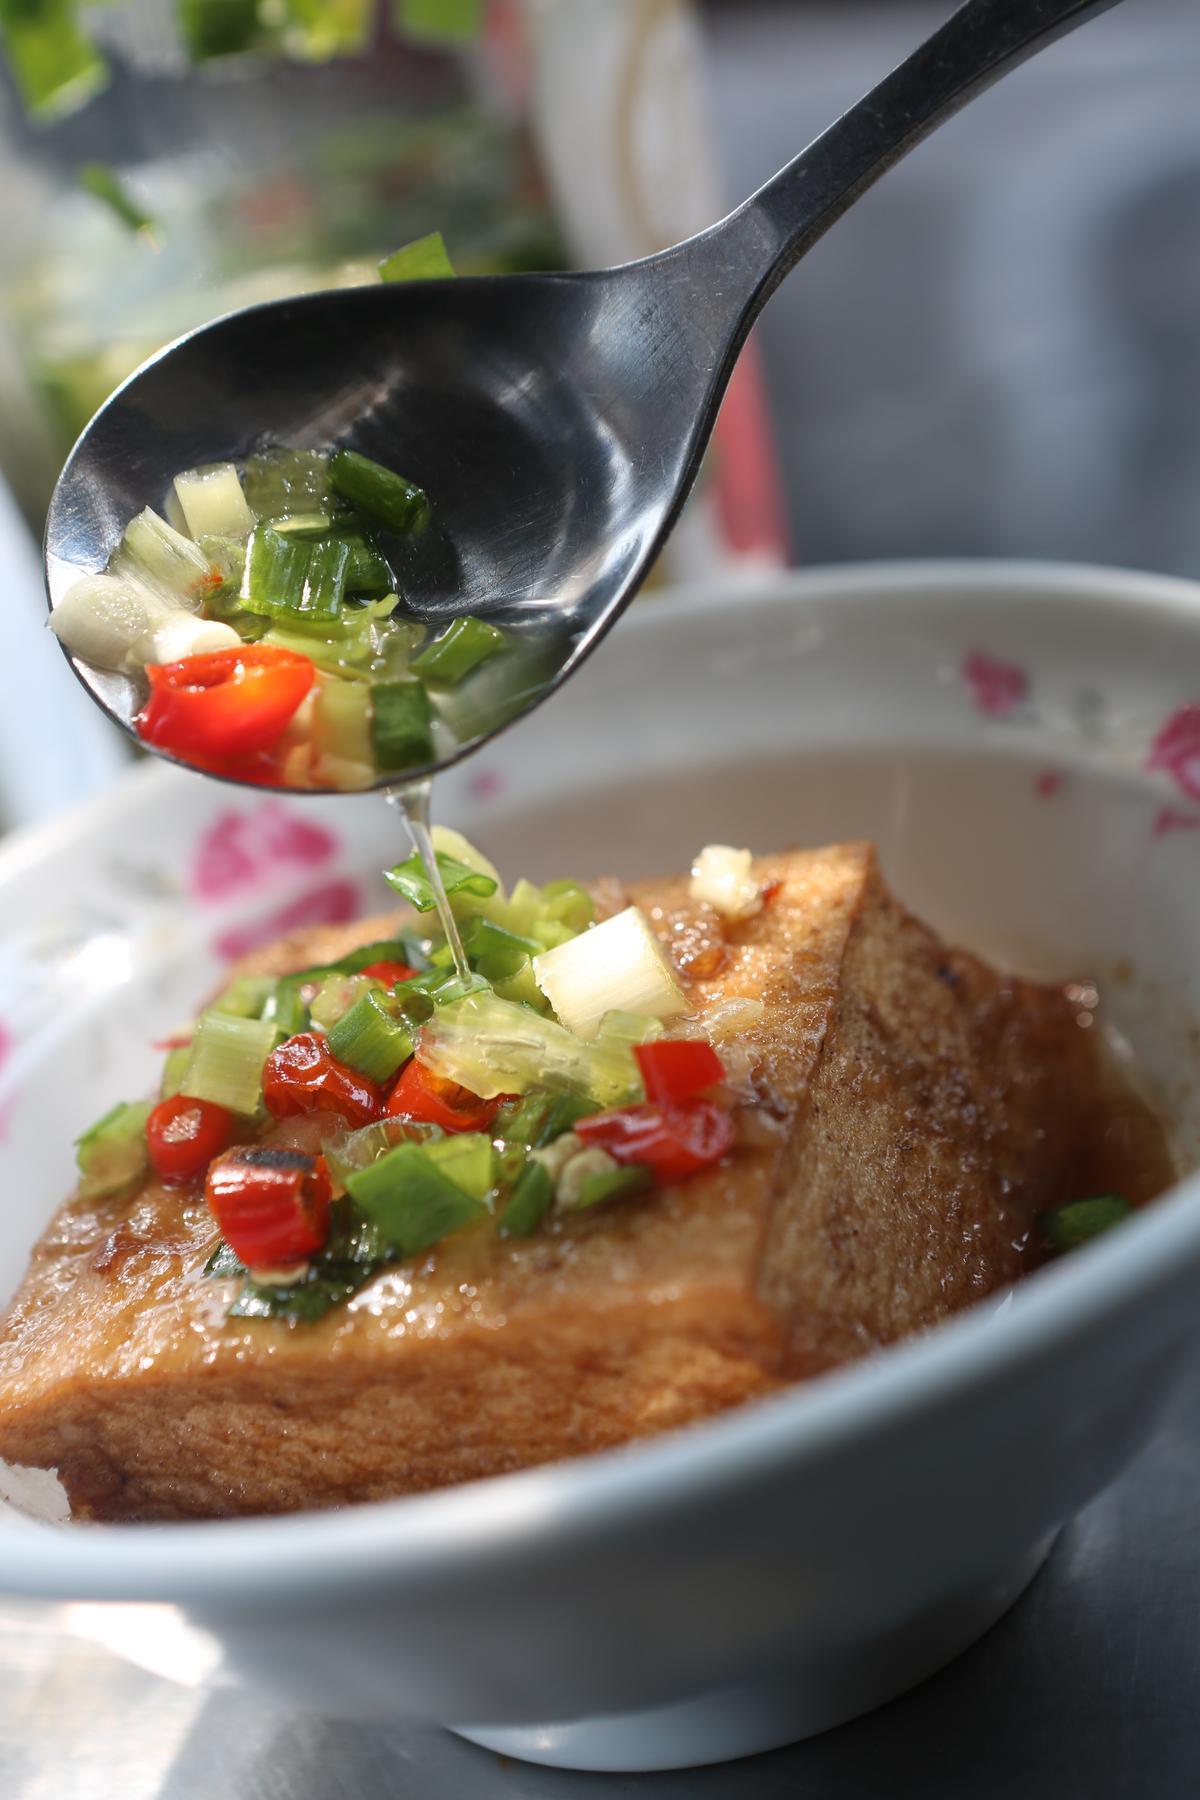 暖香的滷豆腐(12元/塊)淋上特製辣椒水,鮮爽微辣。